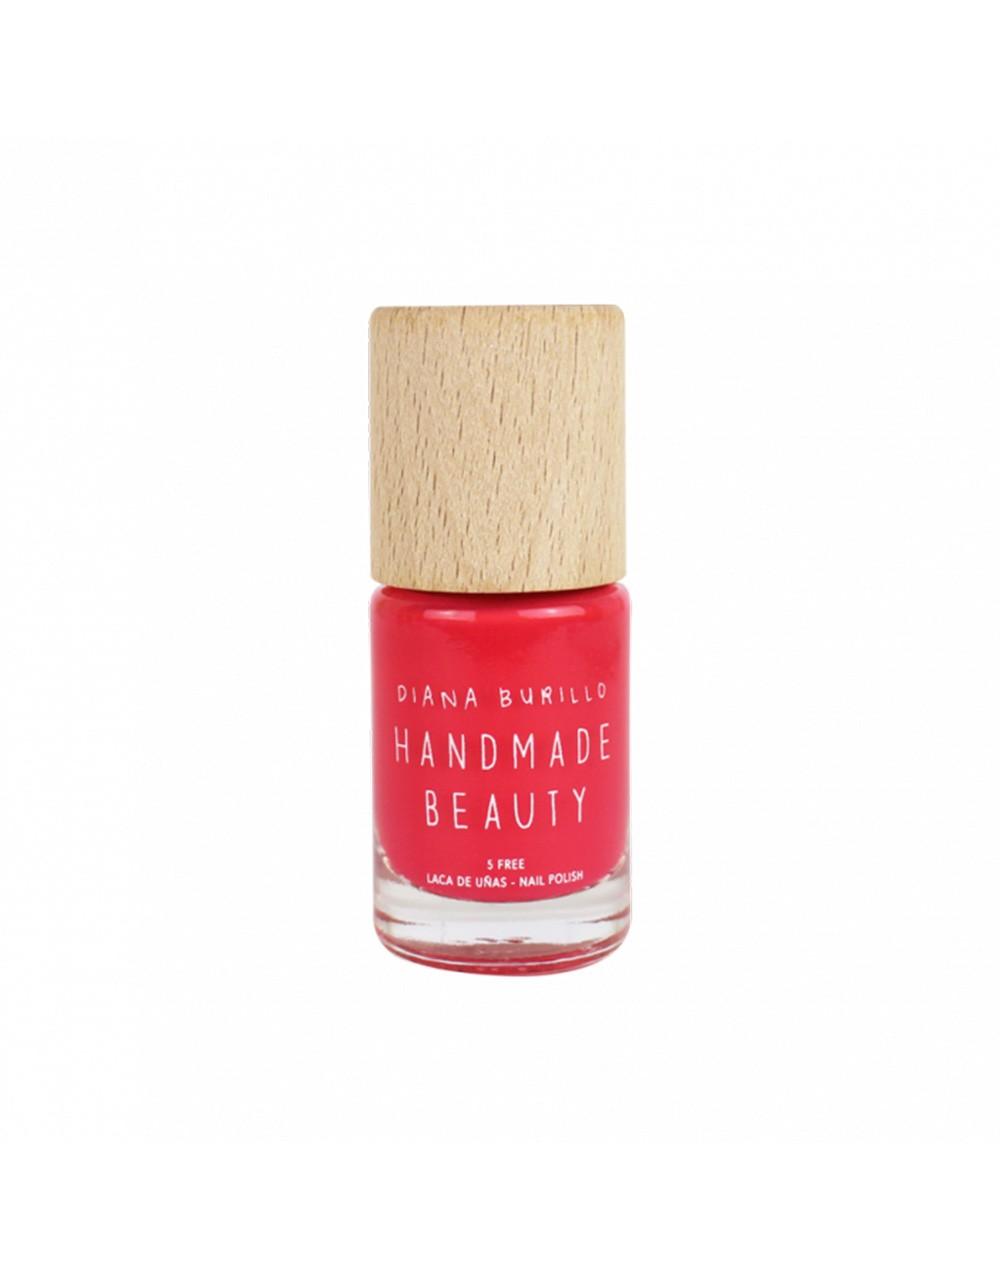 Esmalte de uñas Handmade Beauty 5 free, ecológico color naranja melocotón peach